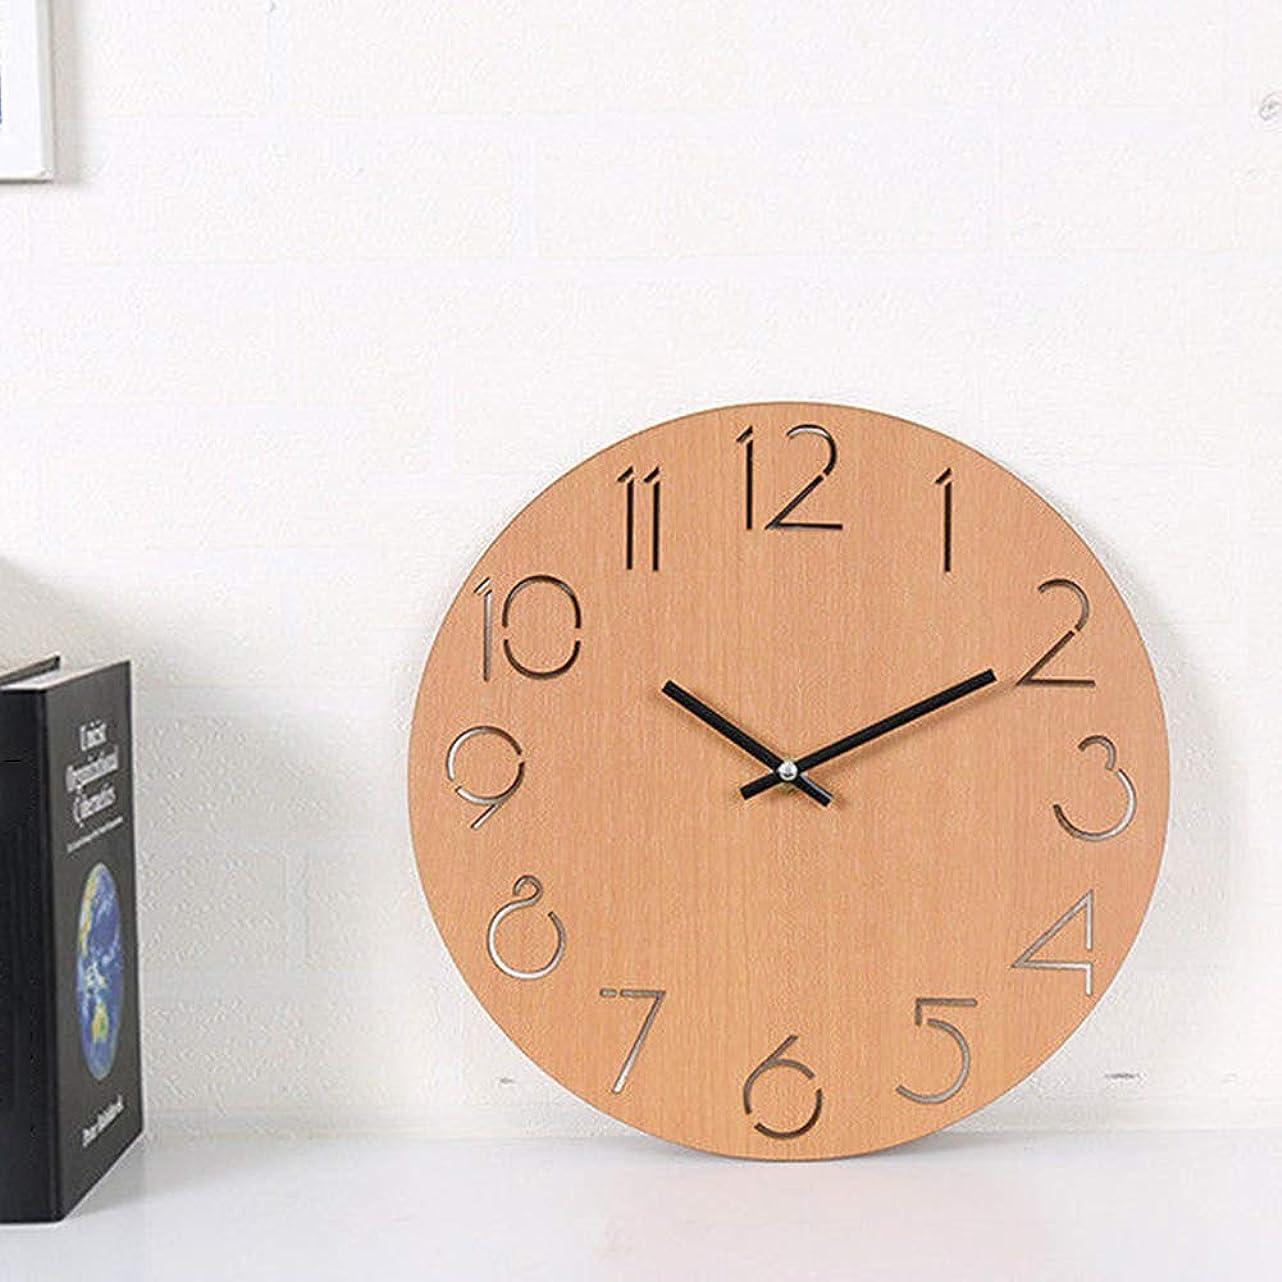 サイズバッグブリード壁掛け時計12